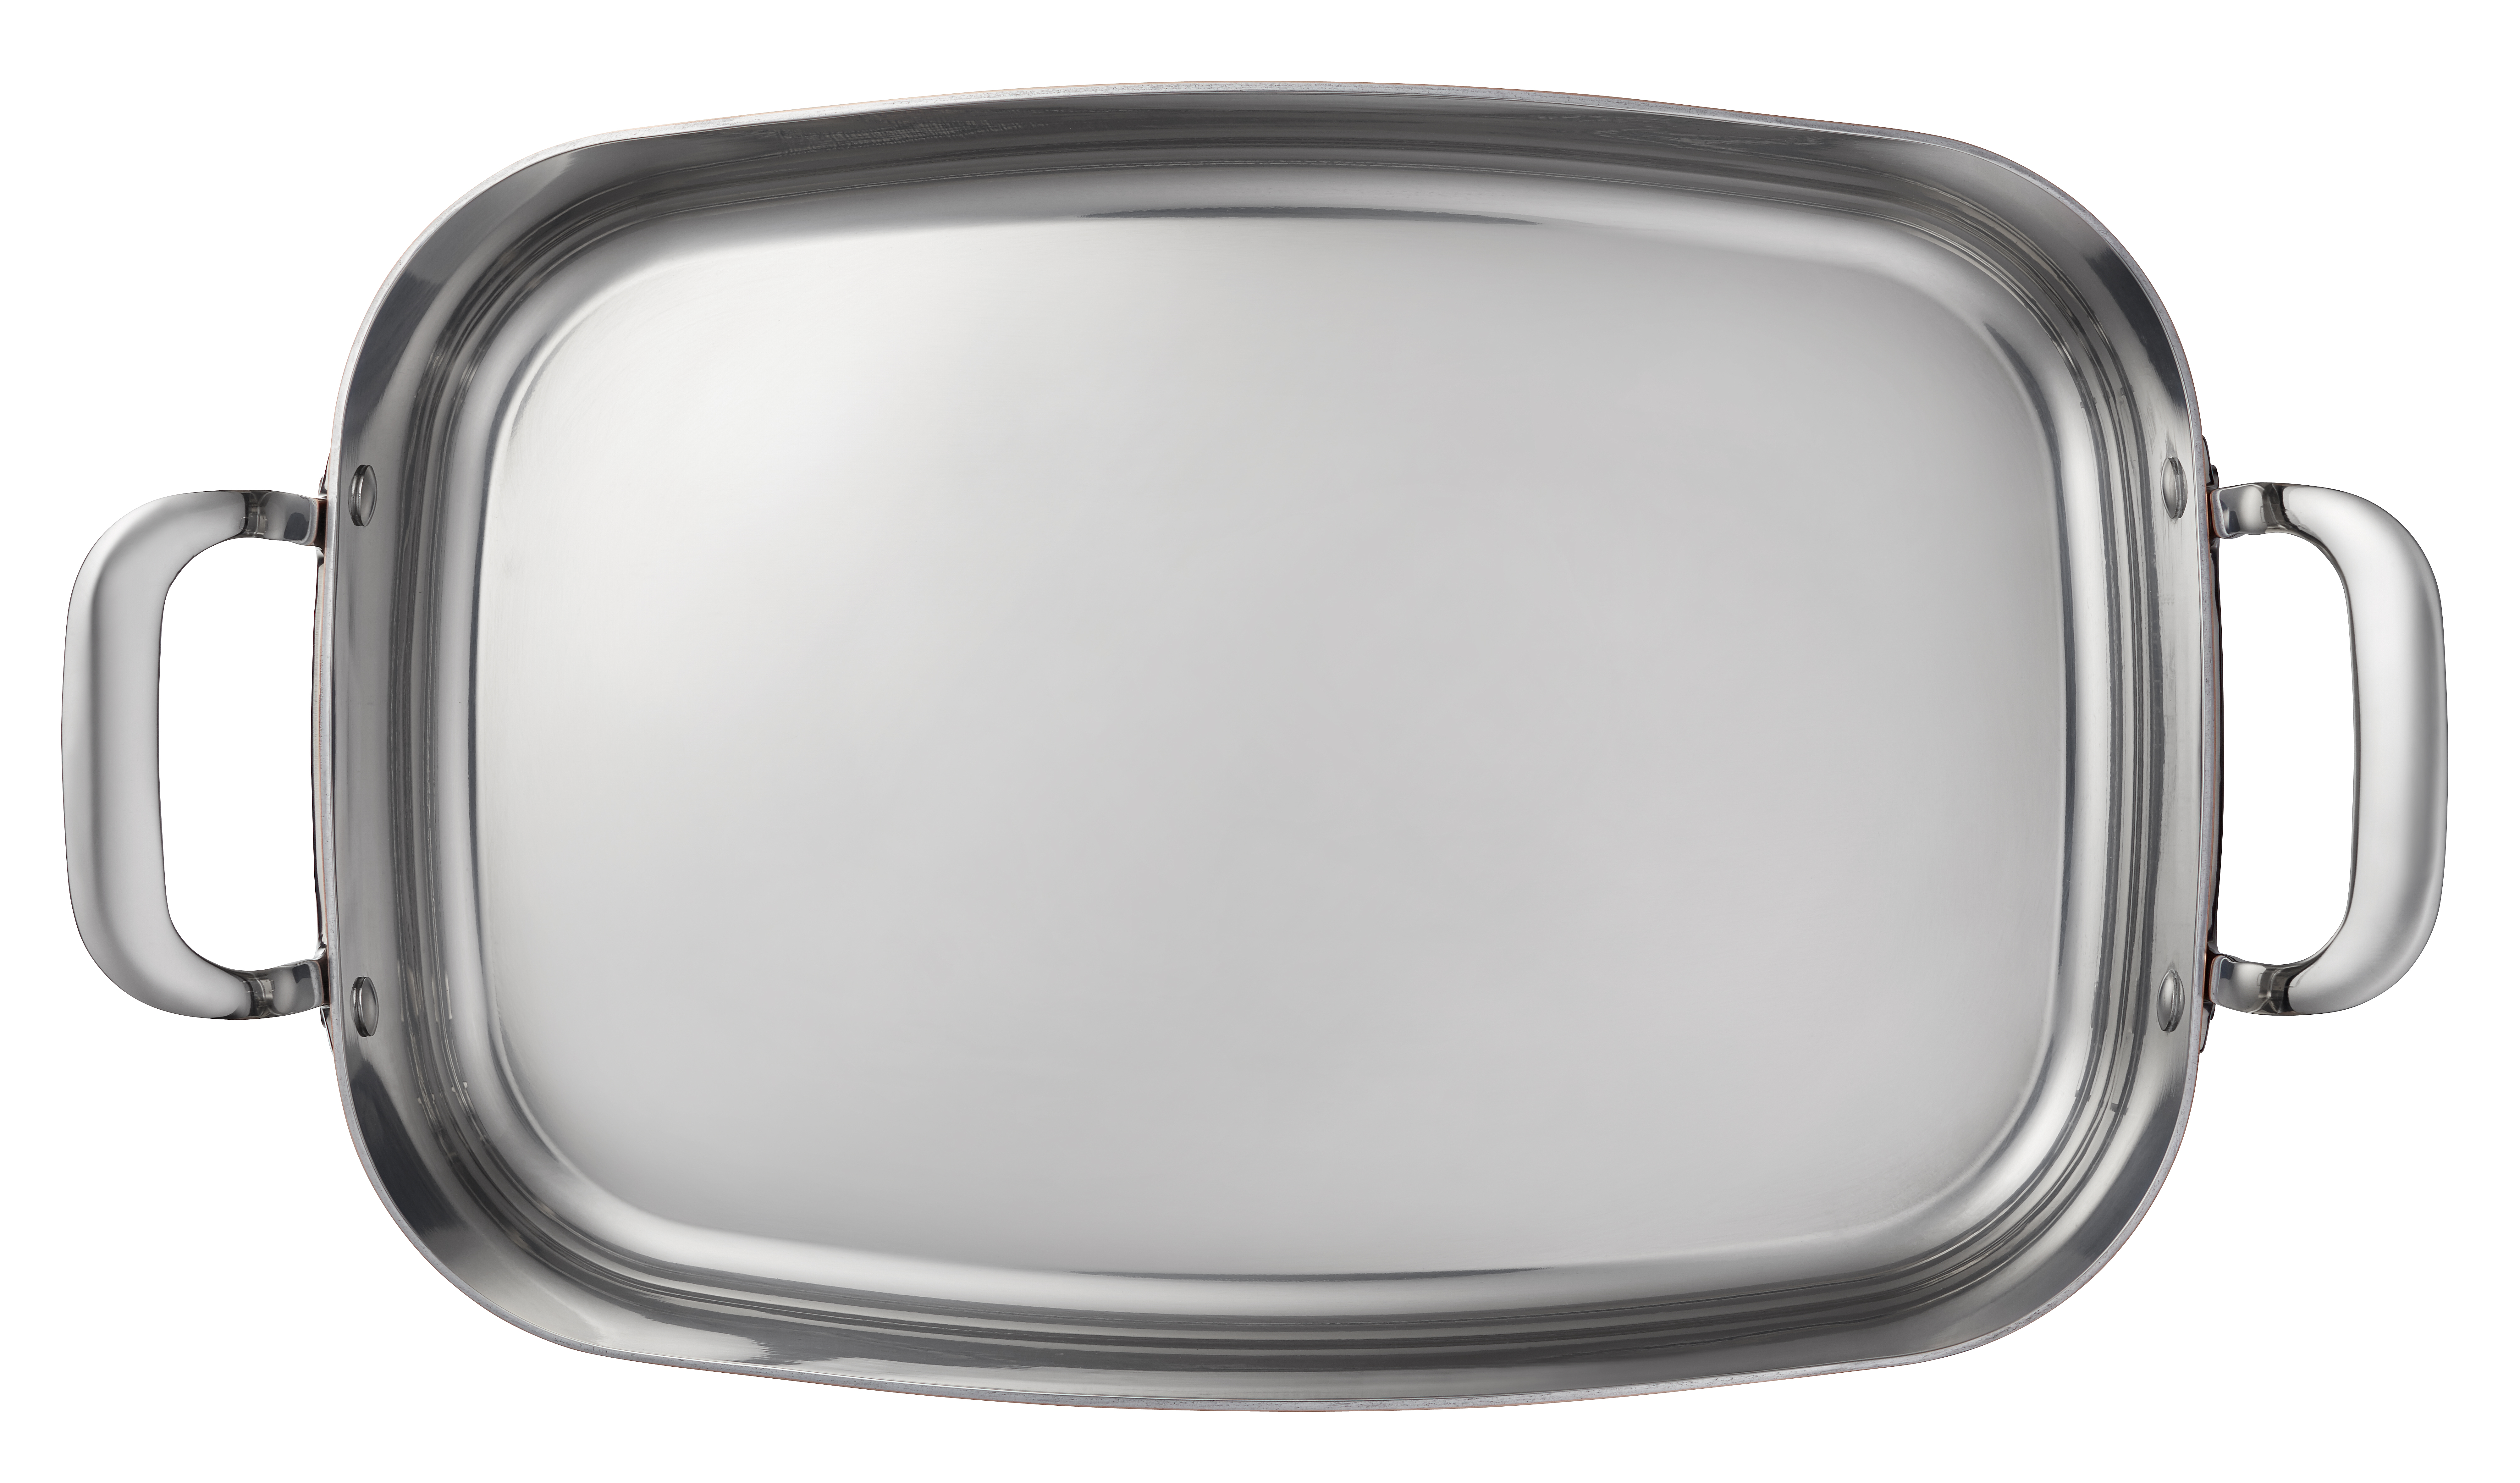 35x24cmbradepande- Maitre D, 5,5 l 35 x 24 cm